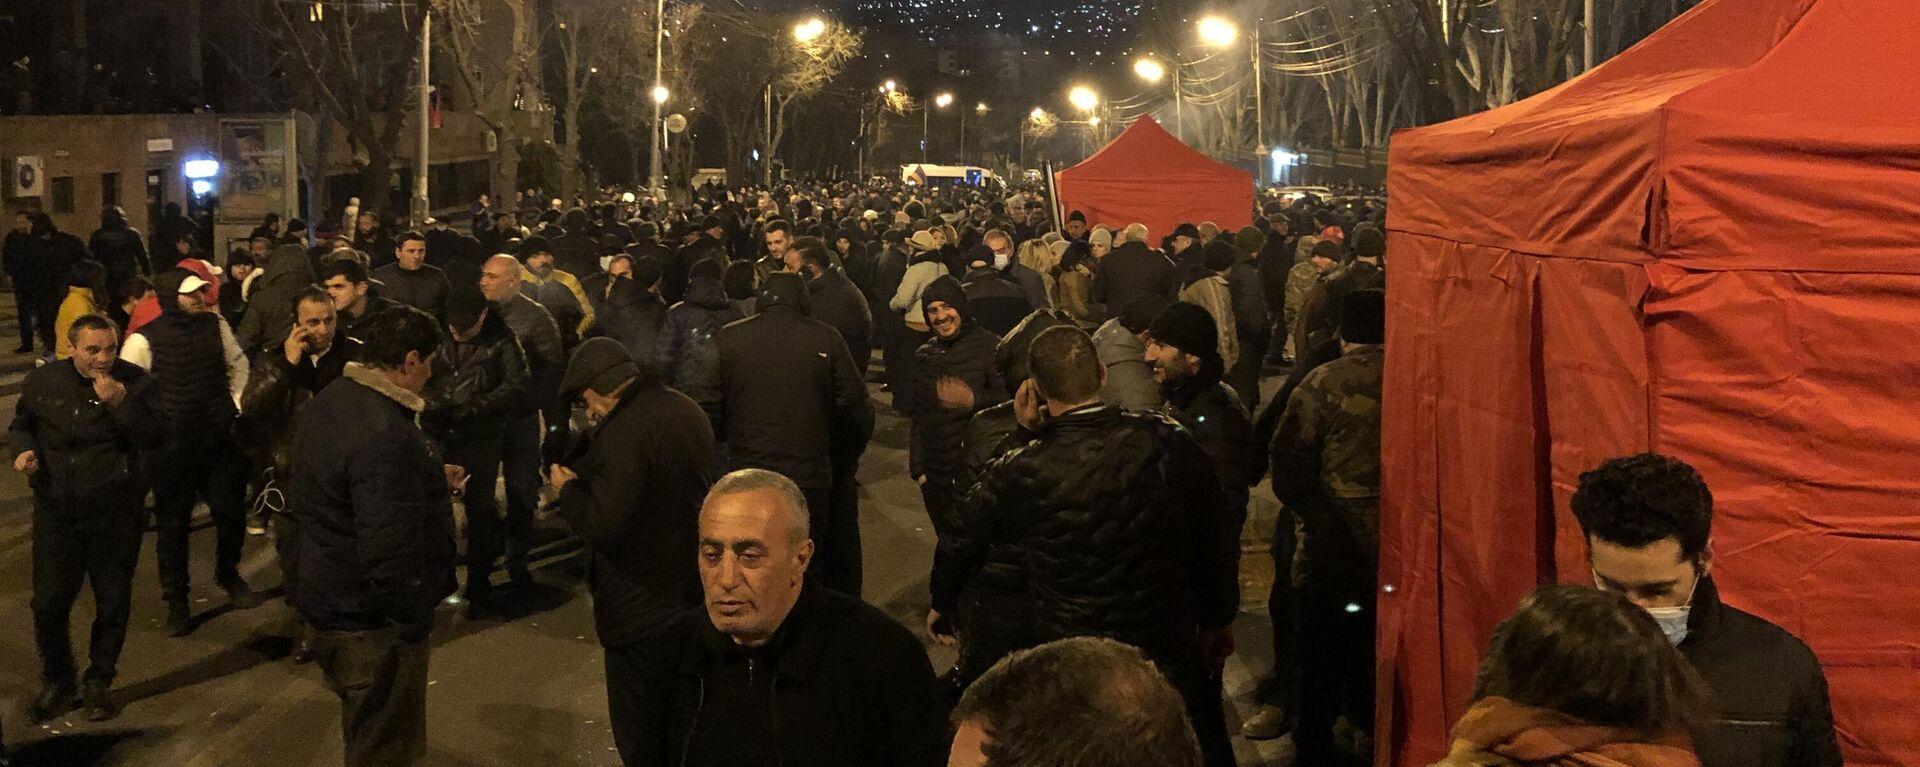 Zeltlager der Opposition in Jerewan - SNA, 1920, 27.02.2021